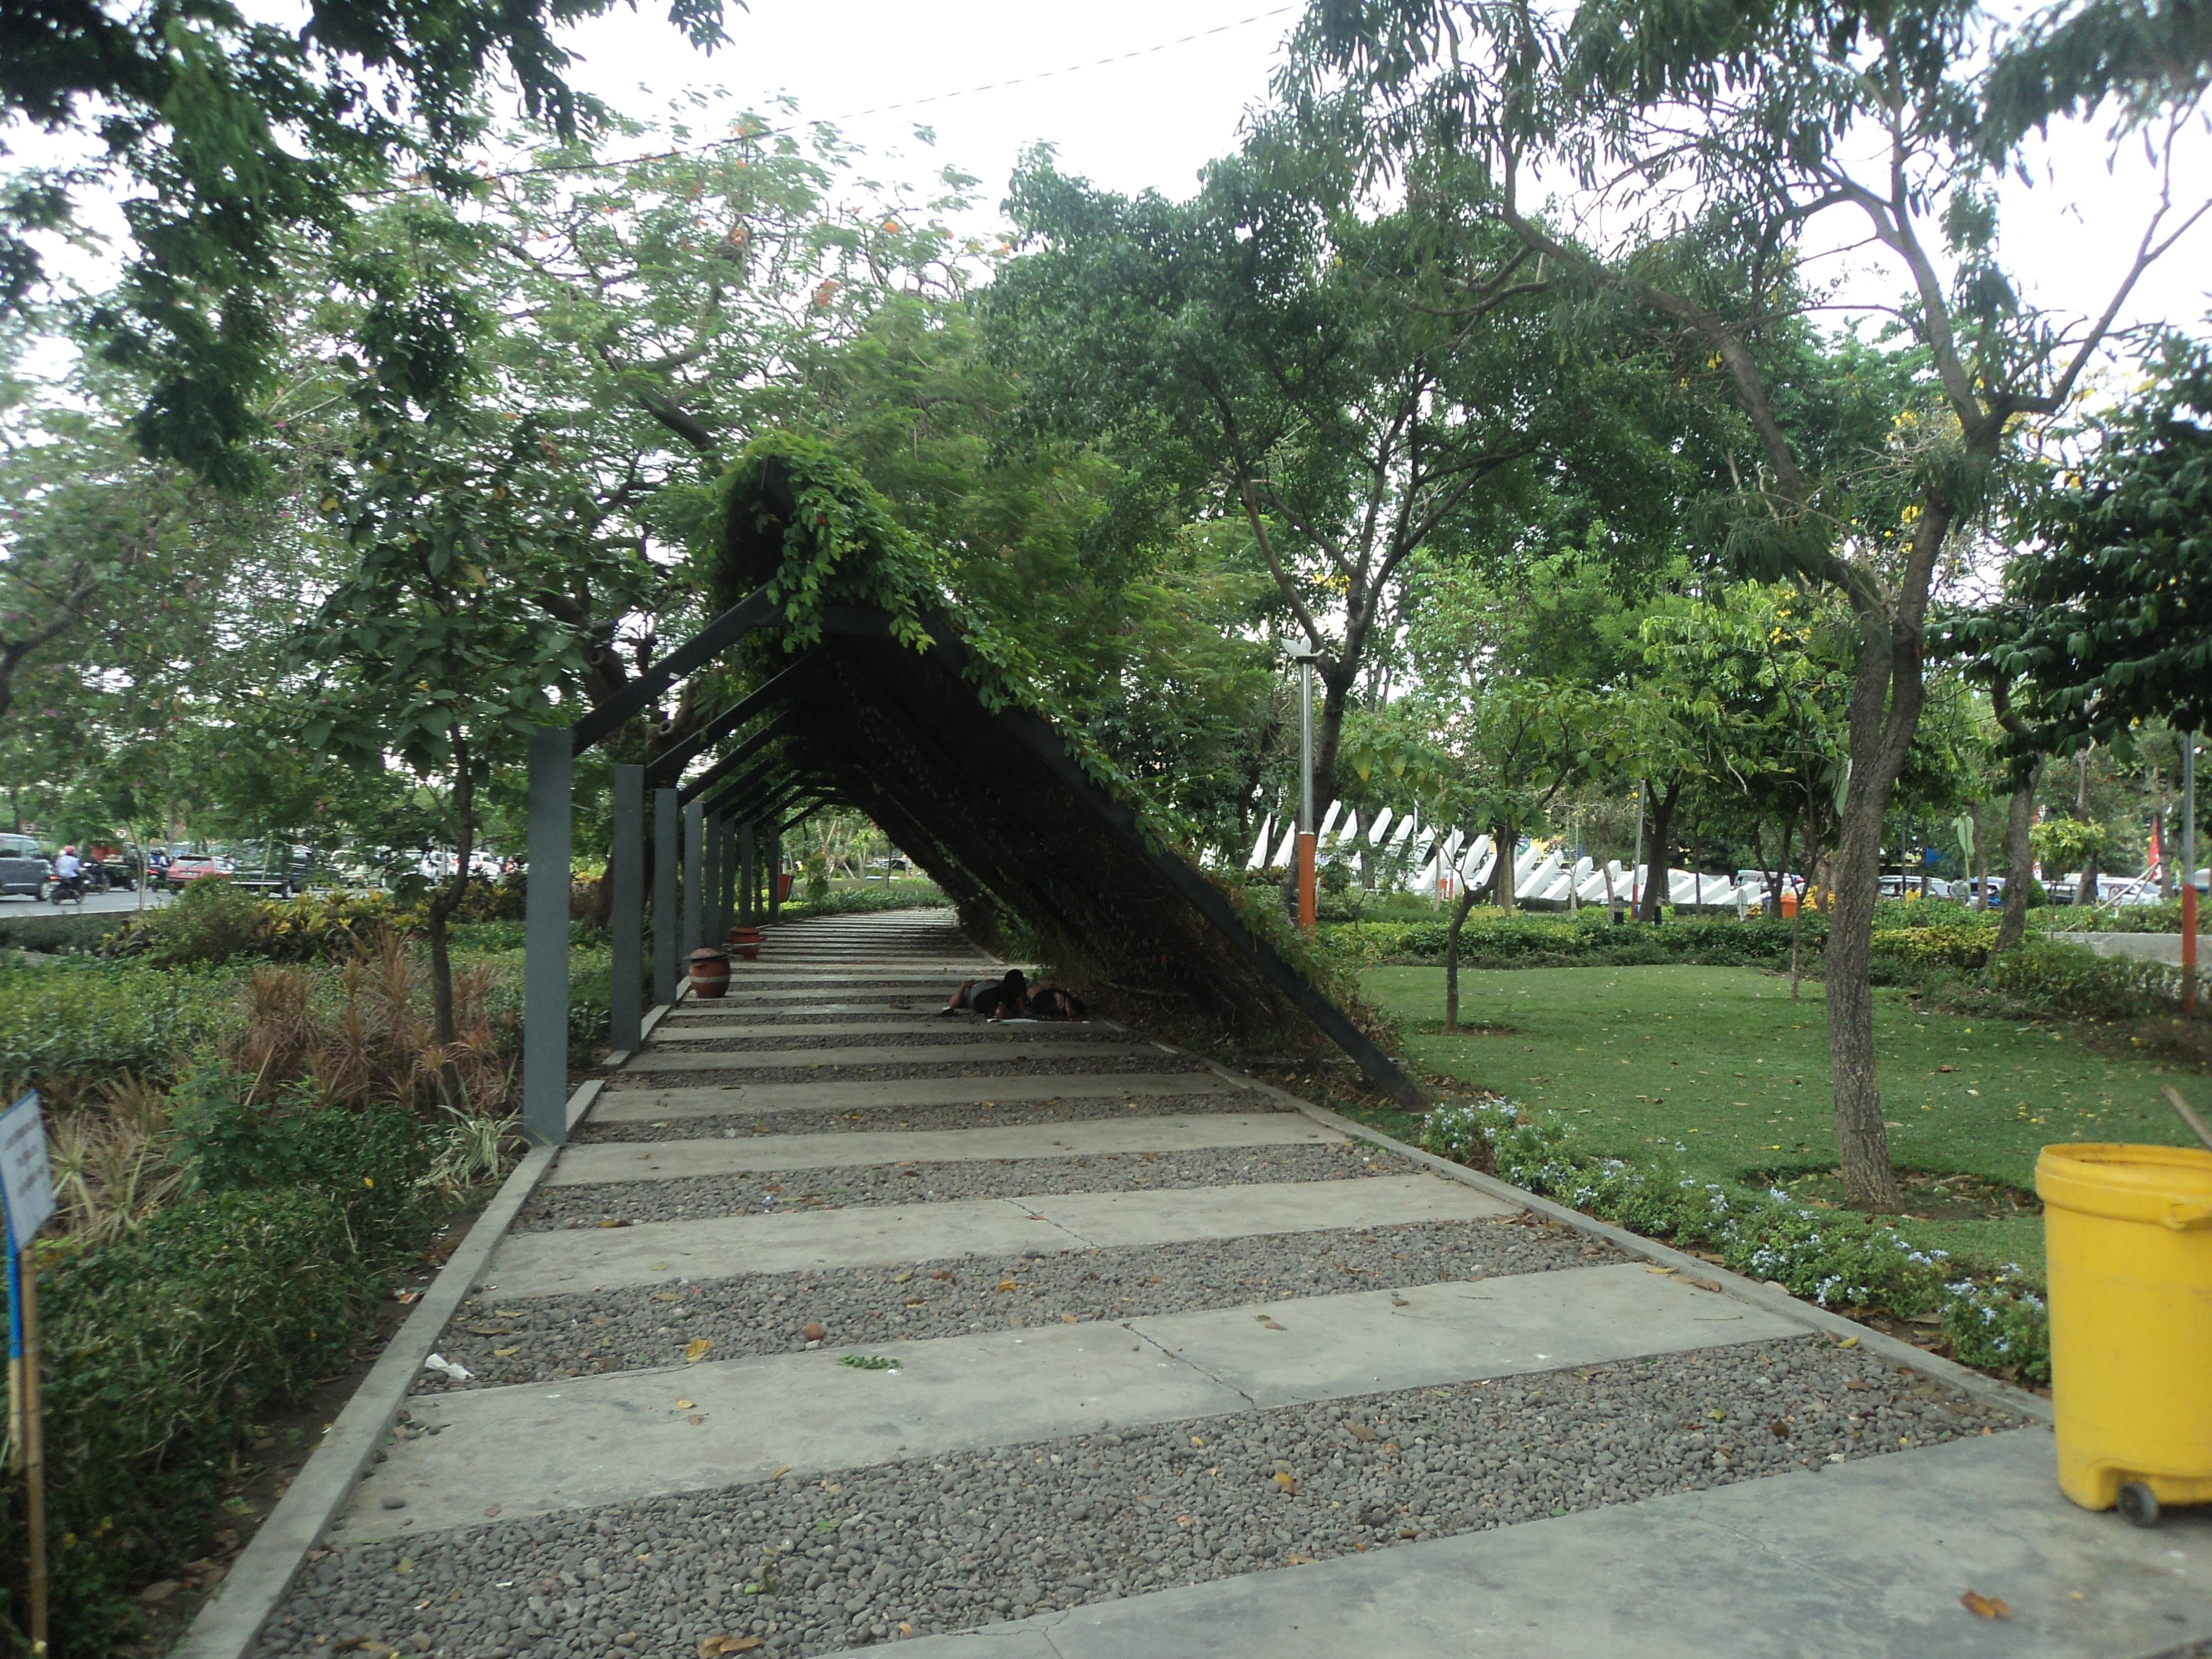 Mengenal Lebih Dekat Taman Pelangi Surabaya Yockisure Sisi Kiri Areal